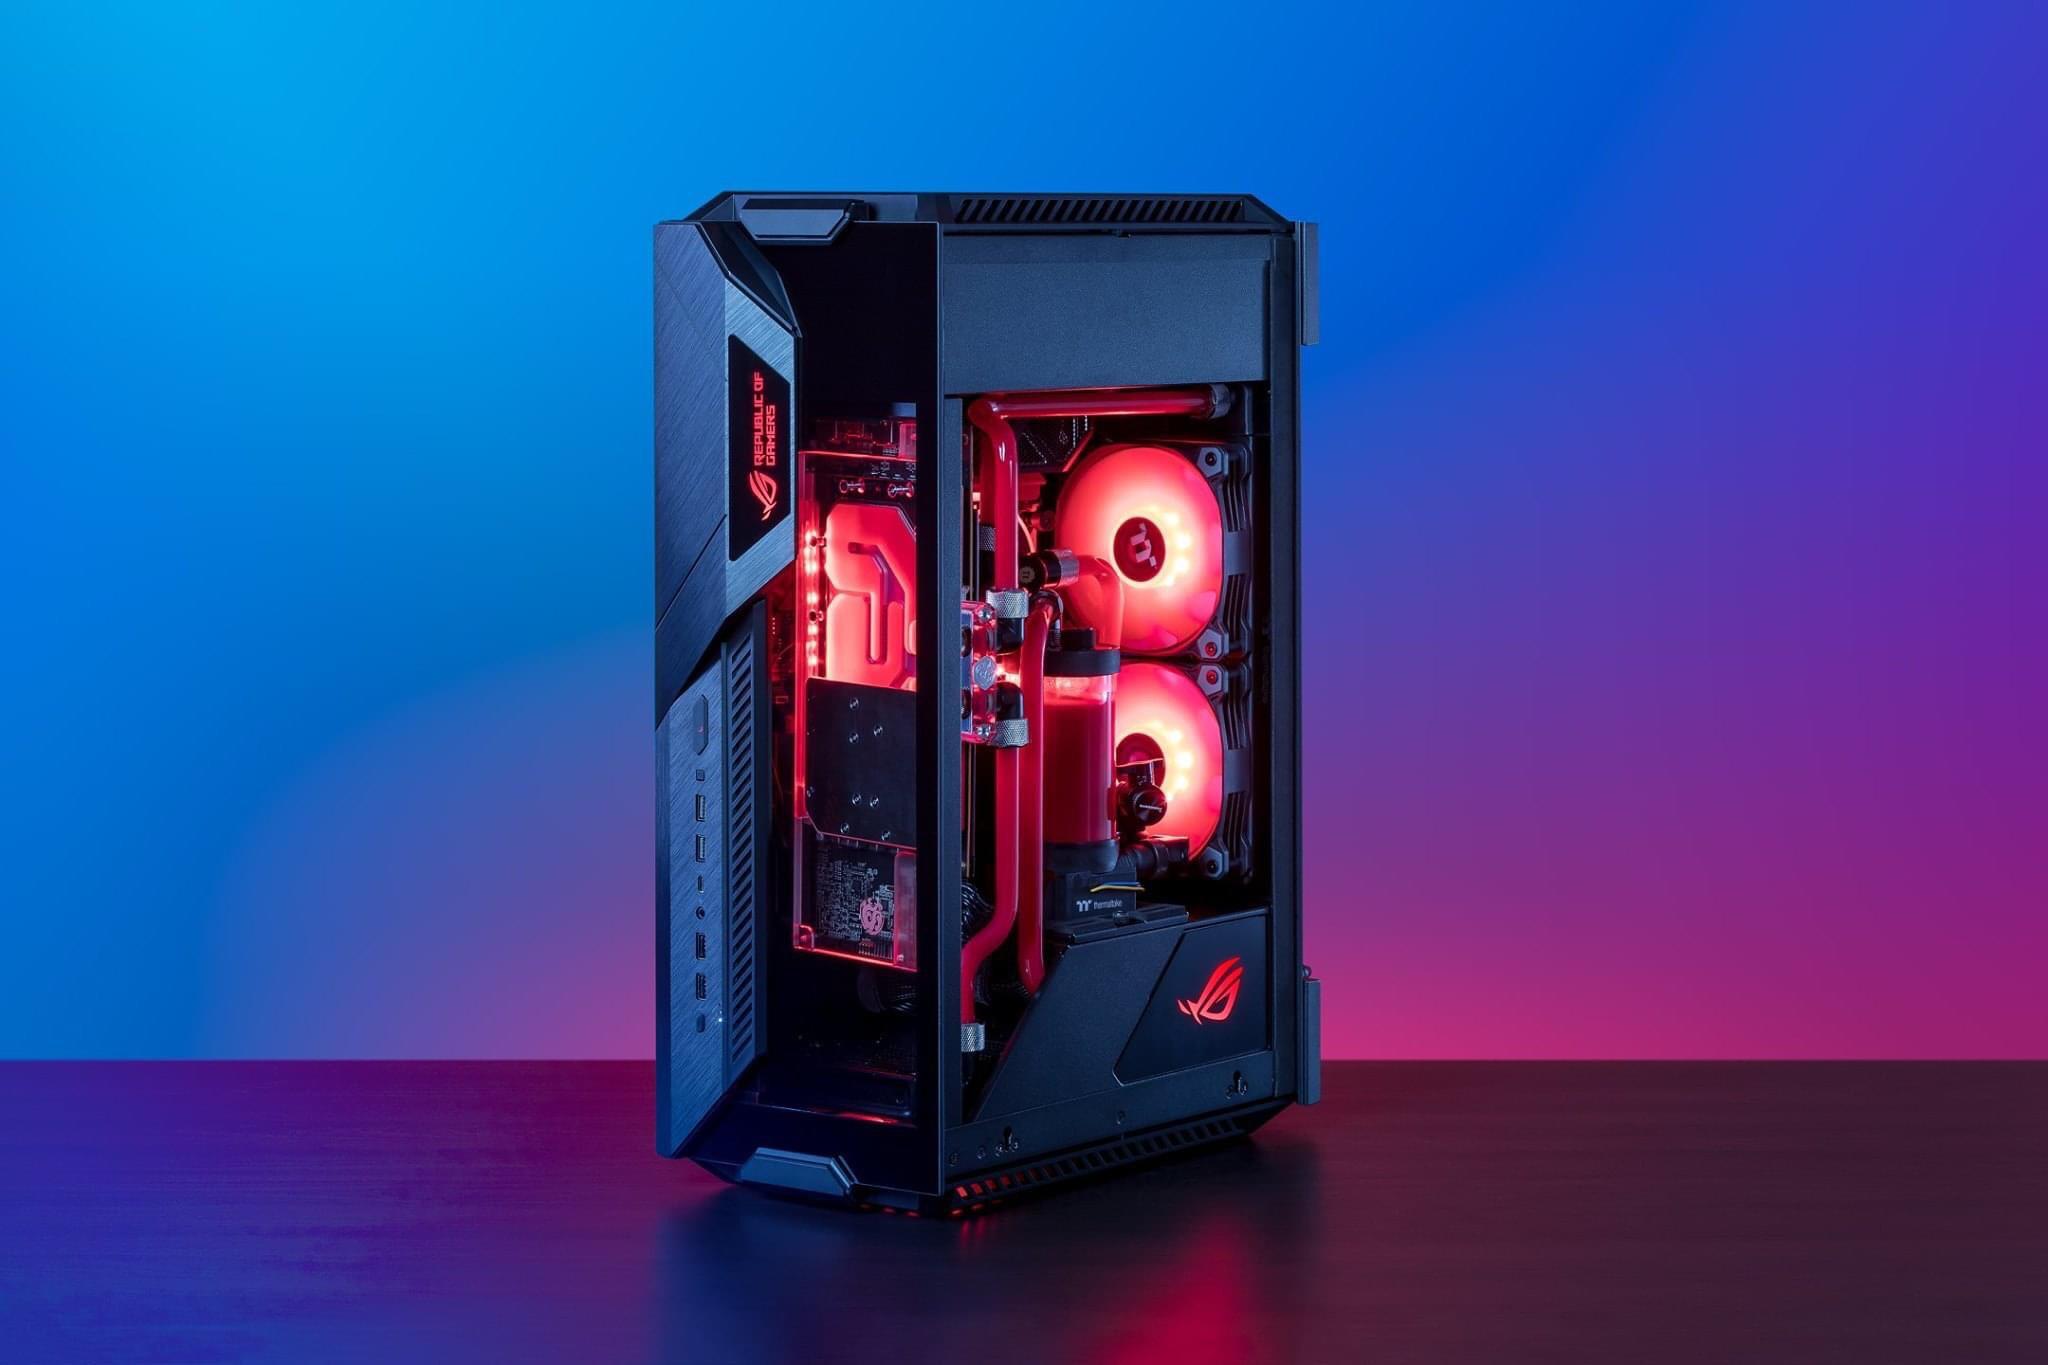 Asus ROG Z11 ITX (Mini ITX Tower/Màu đen) giới thiệu 5